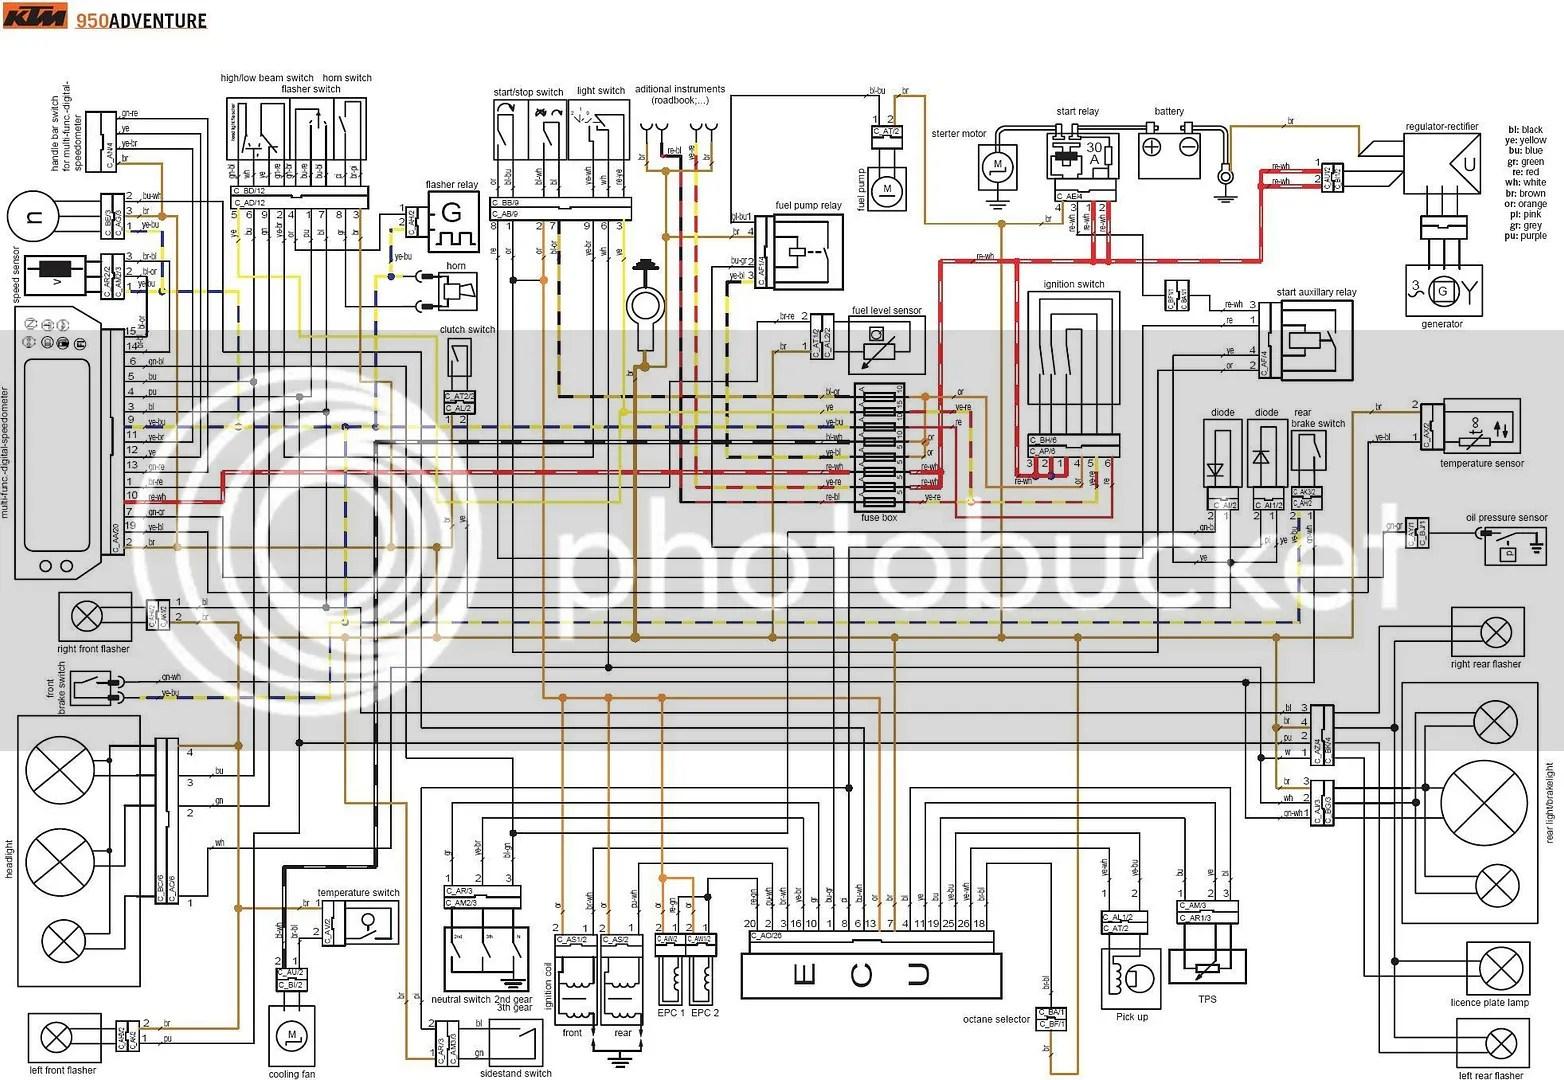 Ktm 625 Smc Wiring Diagram Wiring Diagram Schematic Name KTM Motard Wheels Ktm  625 Smc Wiring Diagram